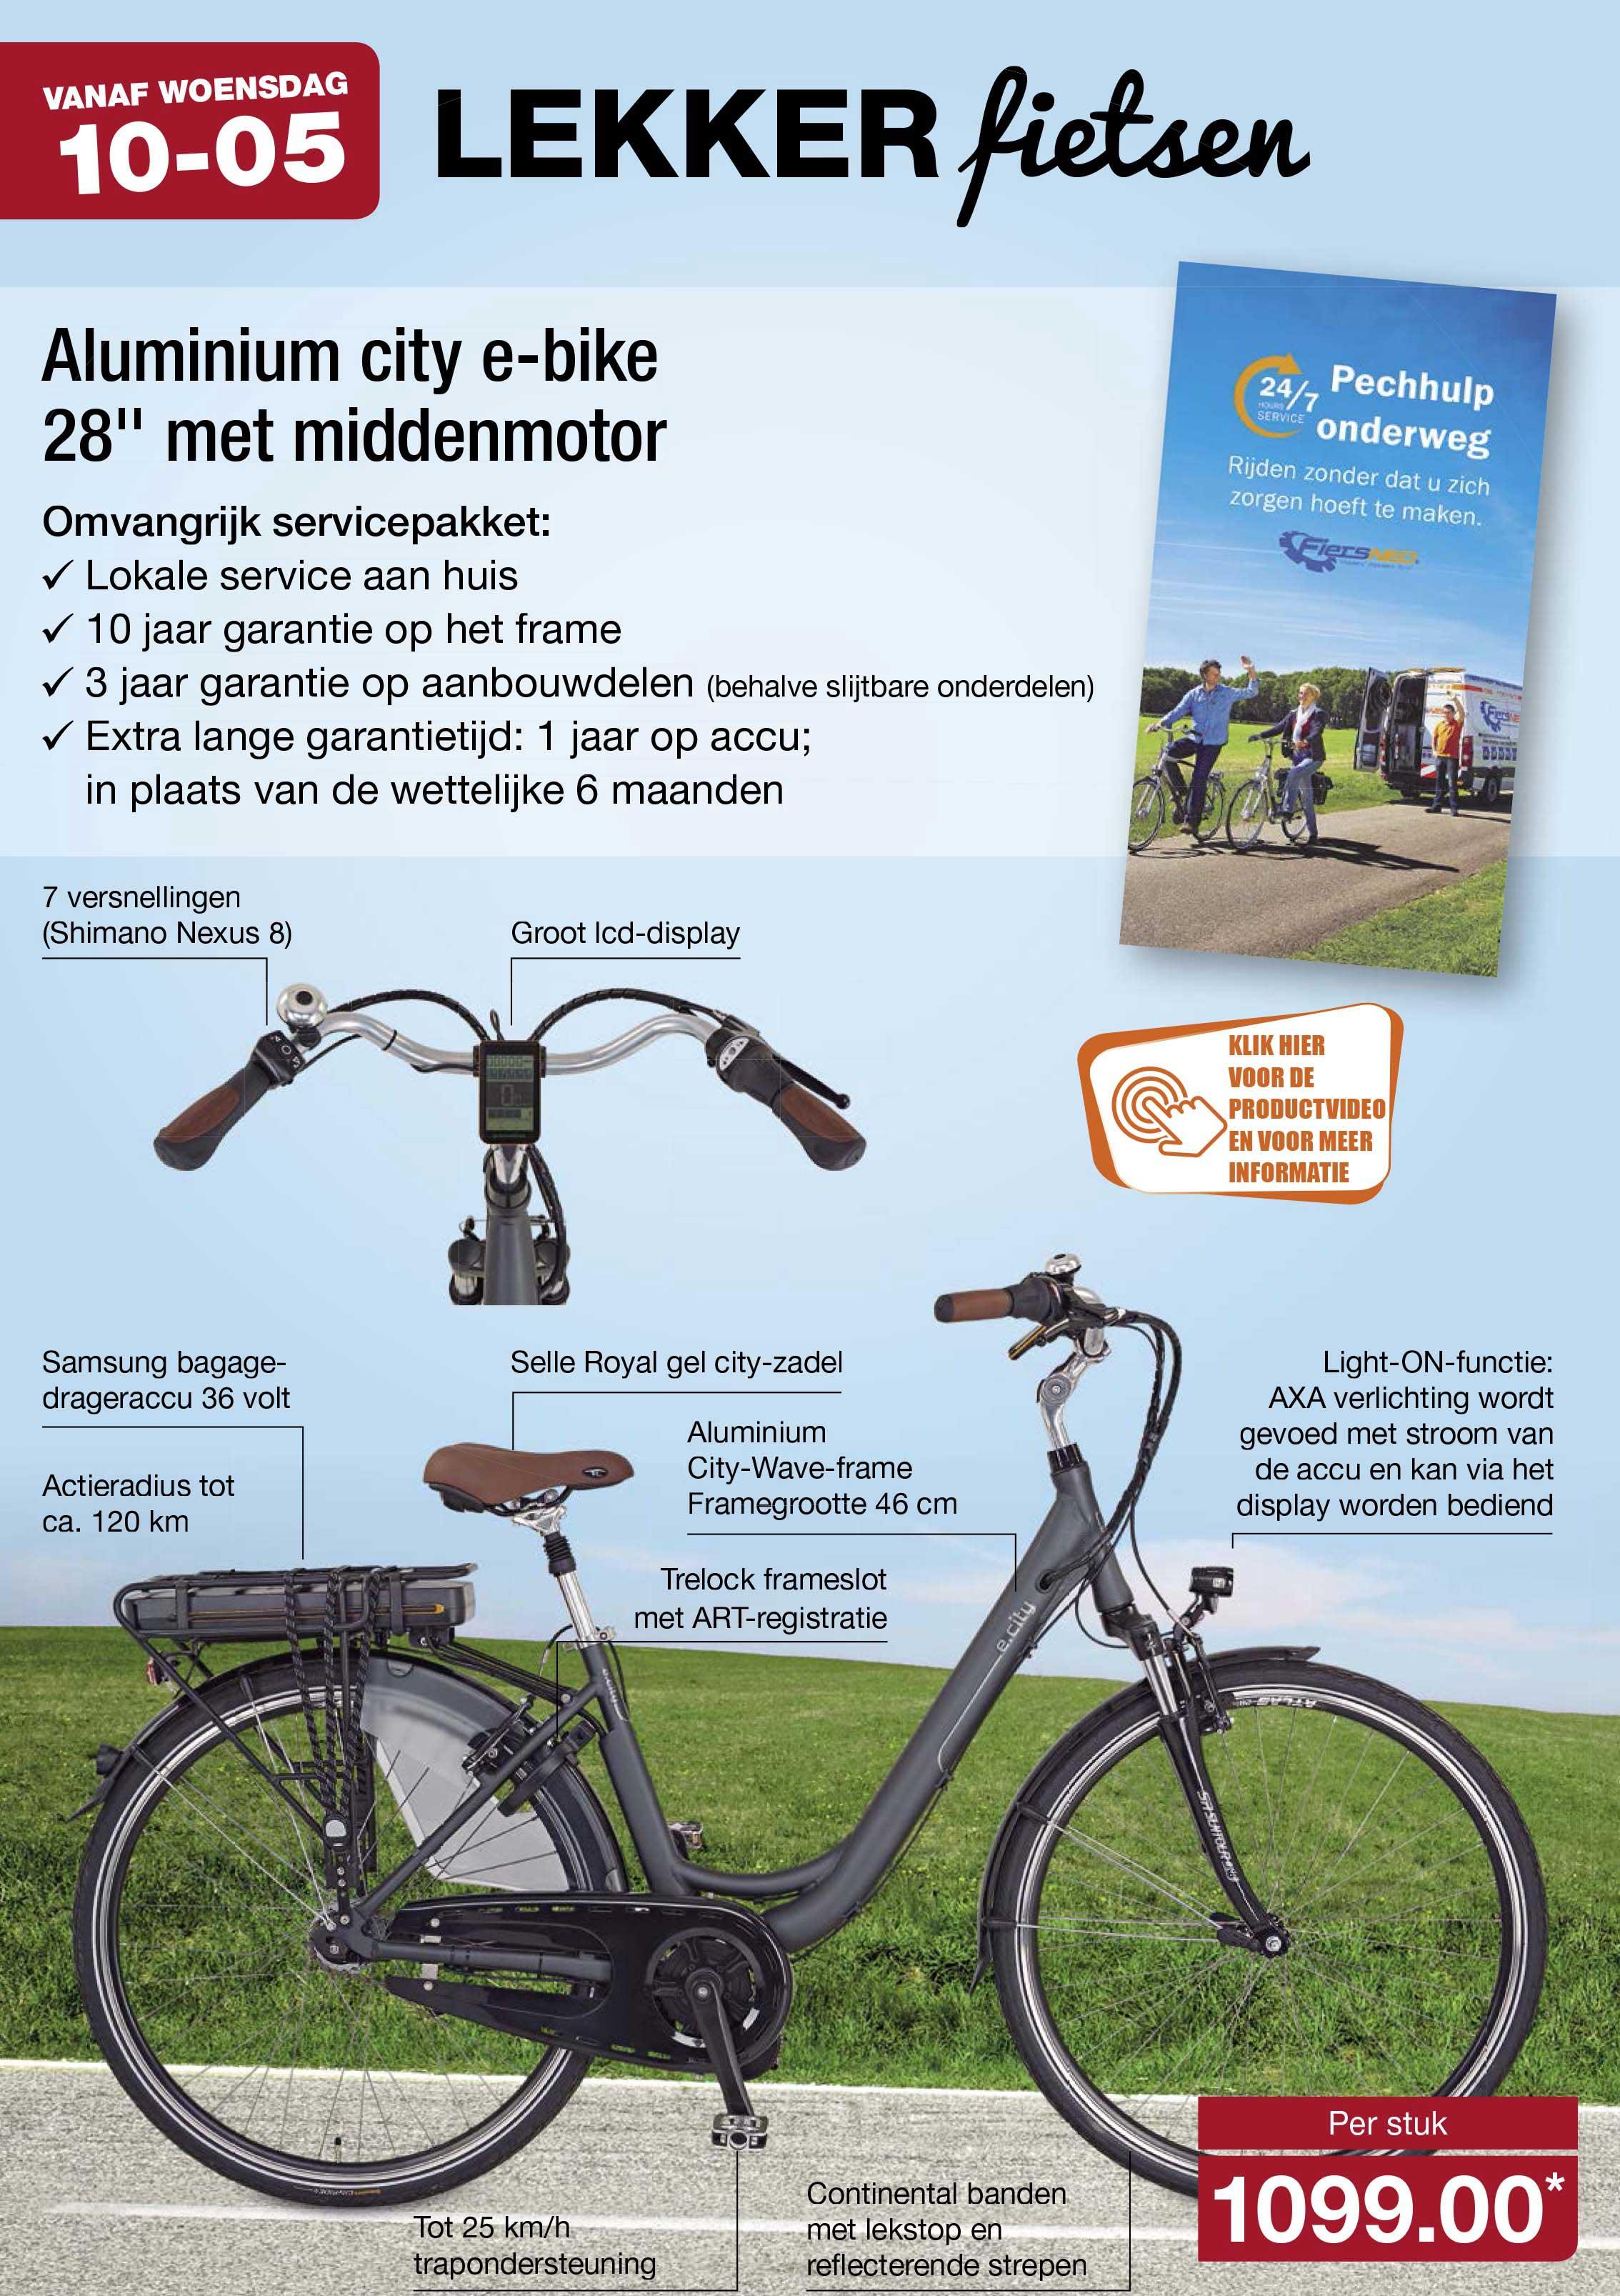 ALDI Aluminium City E-bike 28